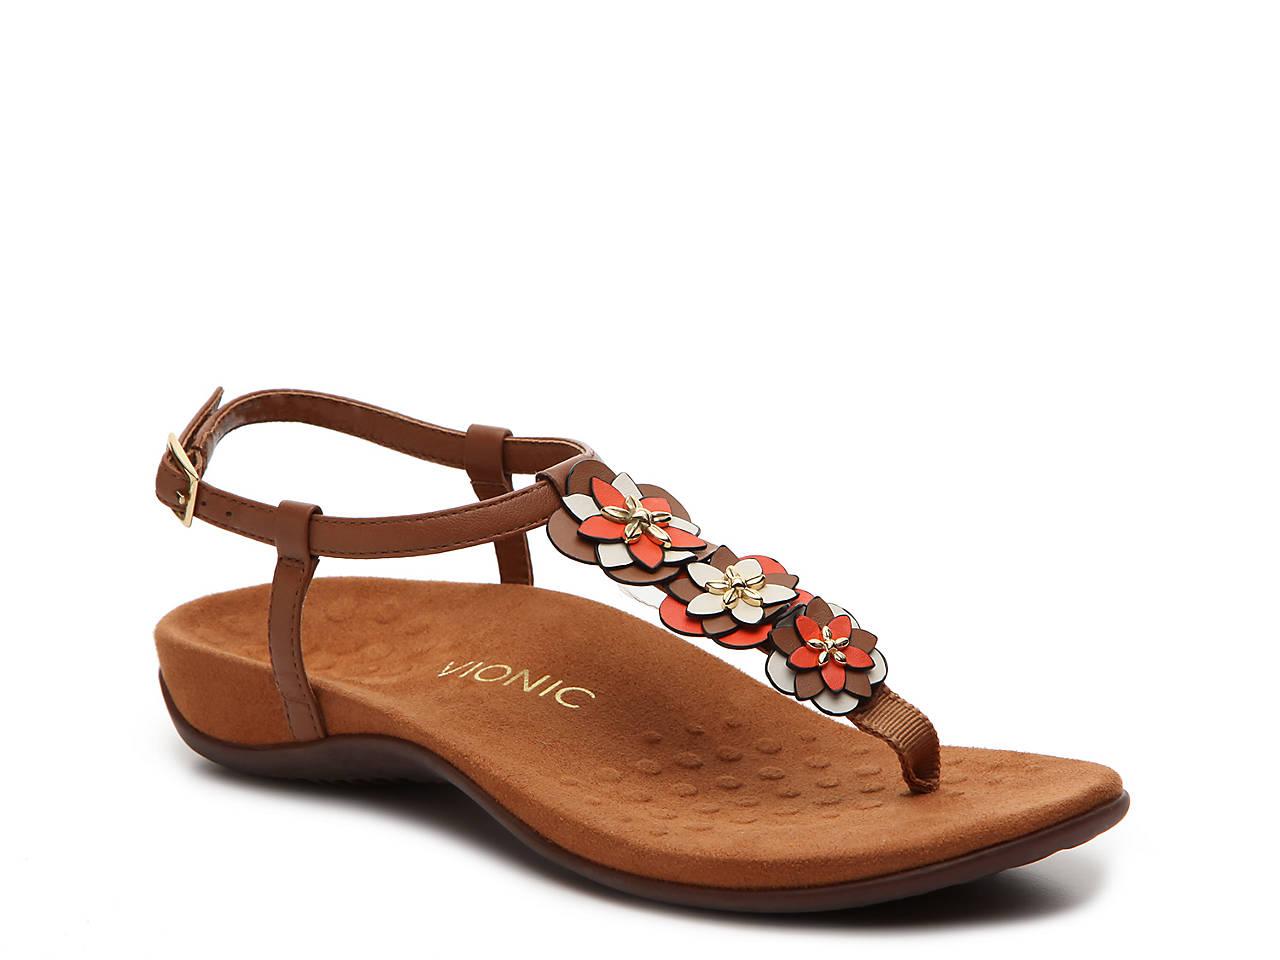 dba2c056dc02 Vionic Rest Paulie Sandal Women s Shoes